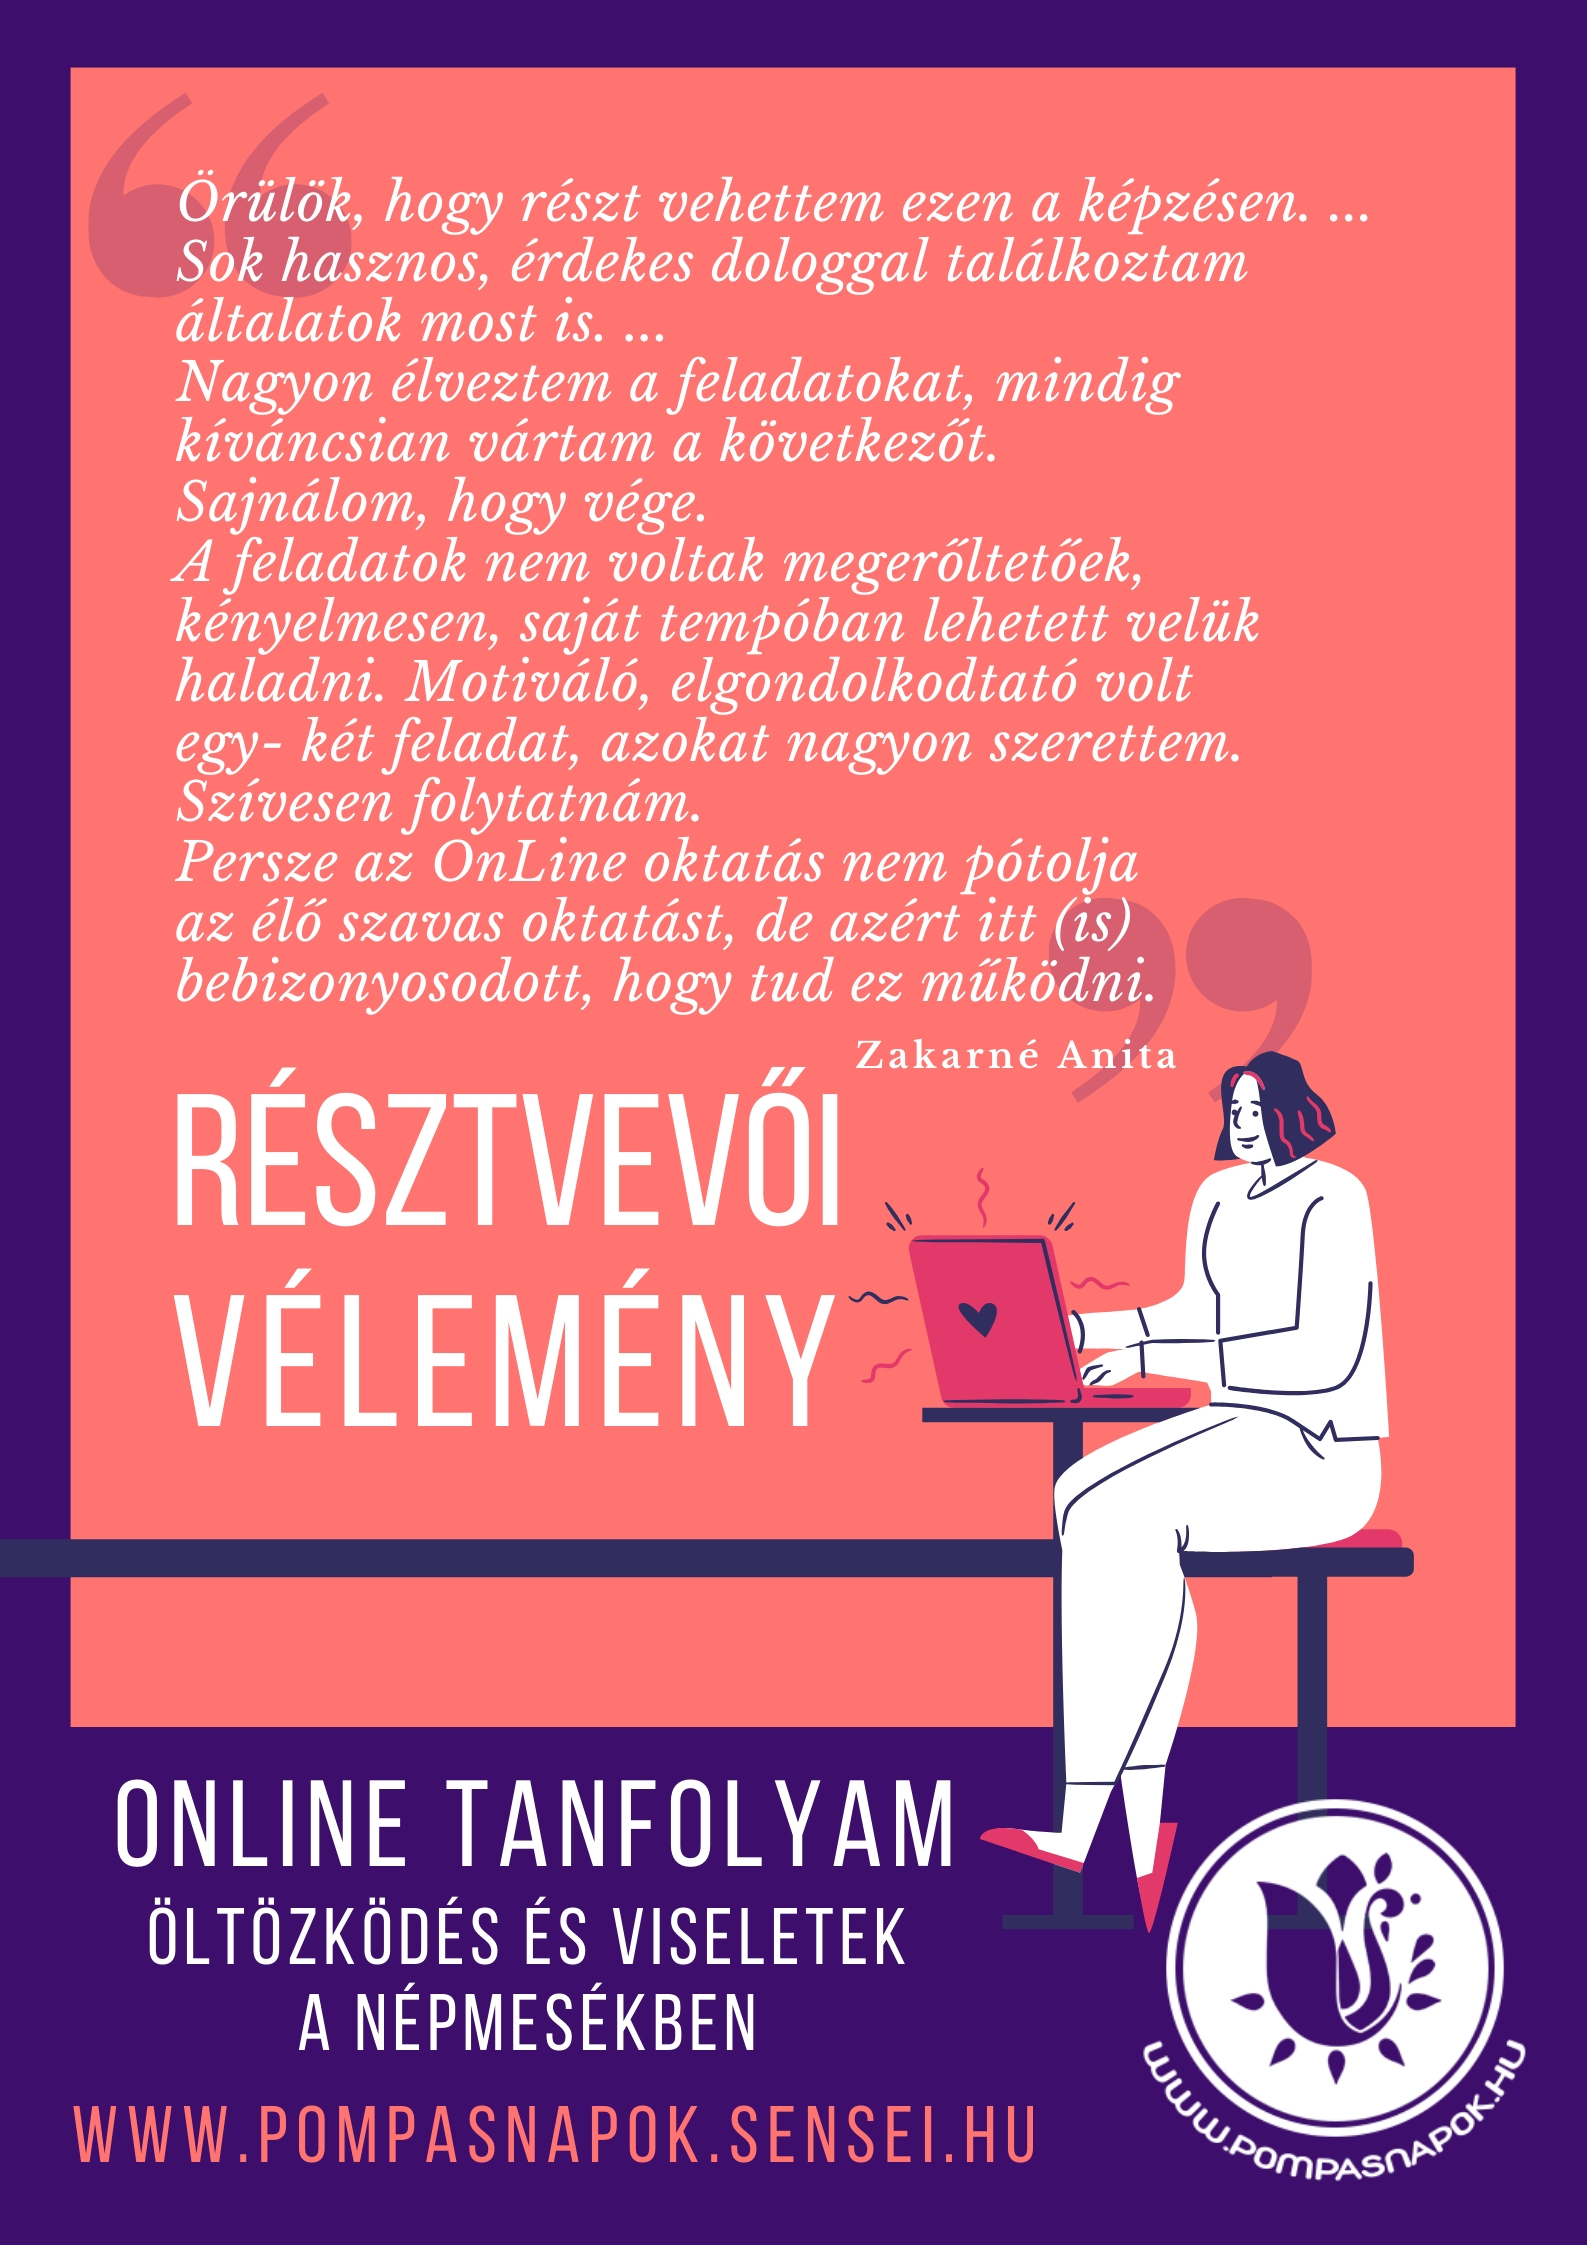 online_tanfolyam_velemeny.jpg